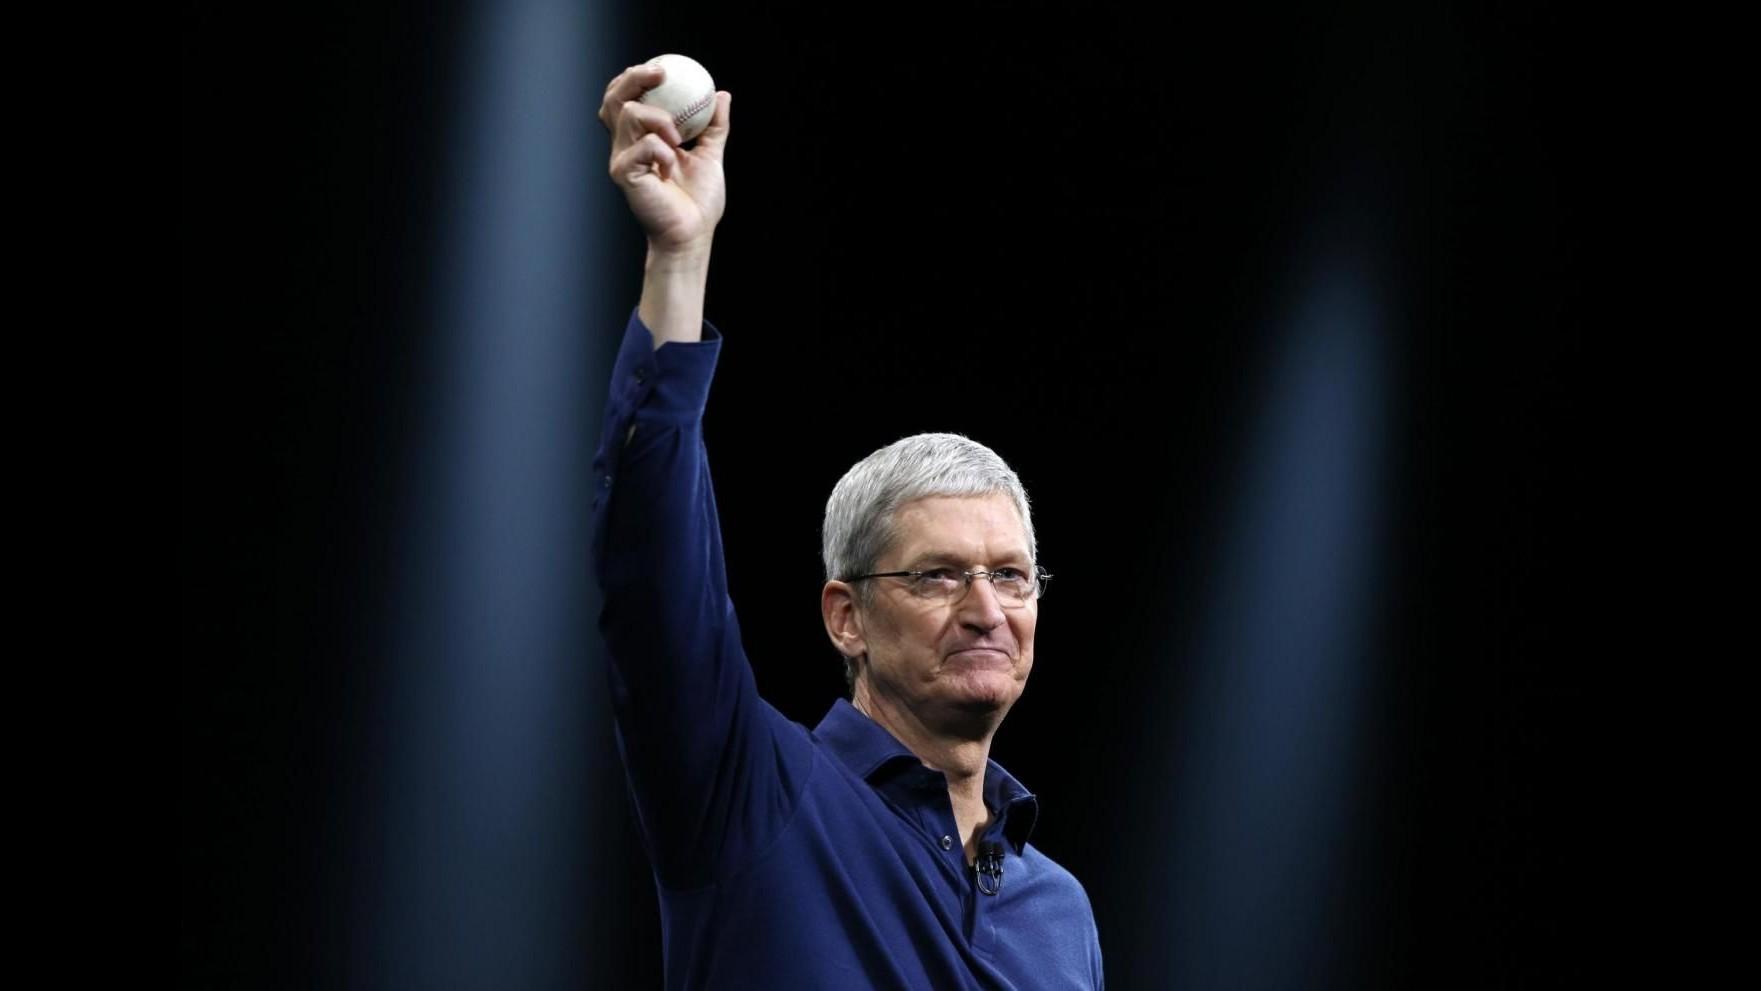 Tim Cook alla Bocconi: Apple sarà sempre aperta a tutti